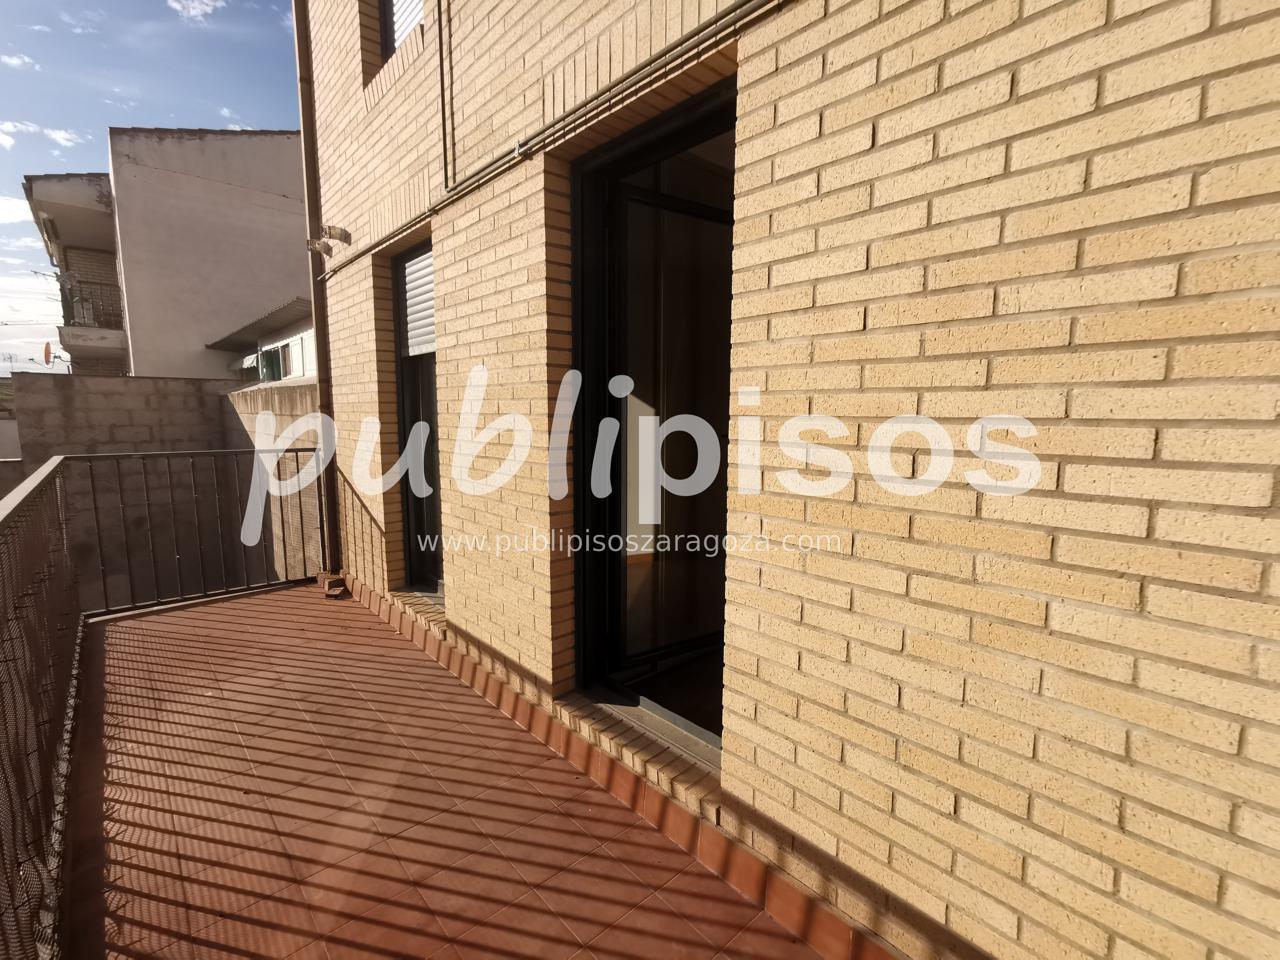 Piso económico con garaje La Puebla de Alfinden-6